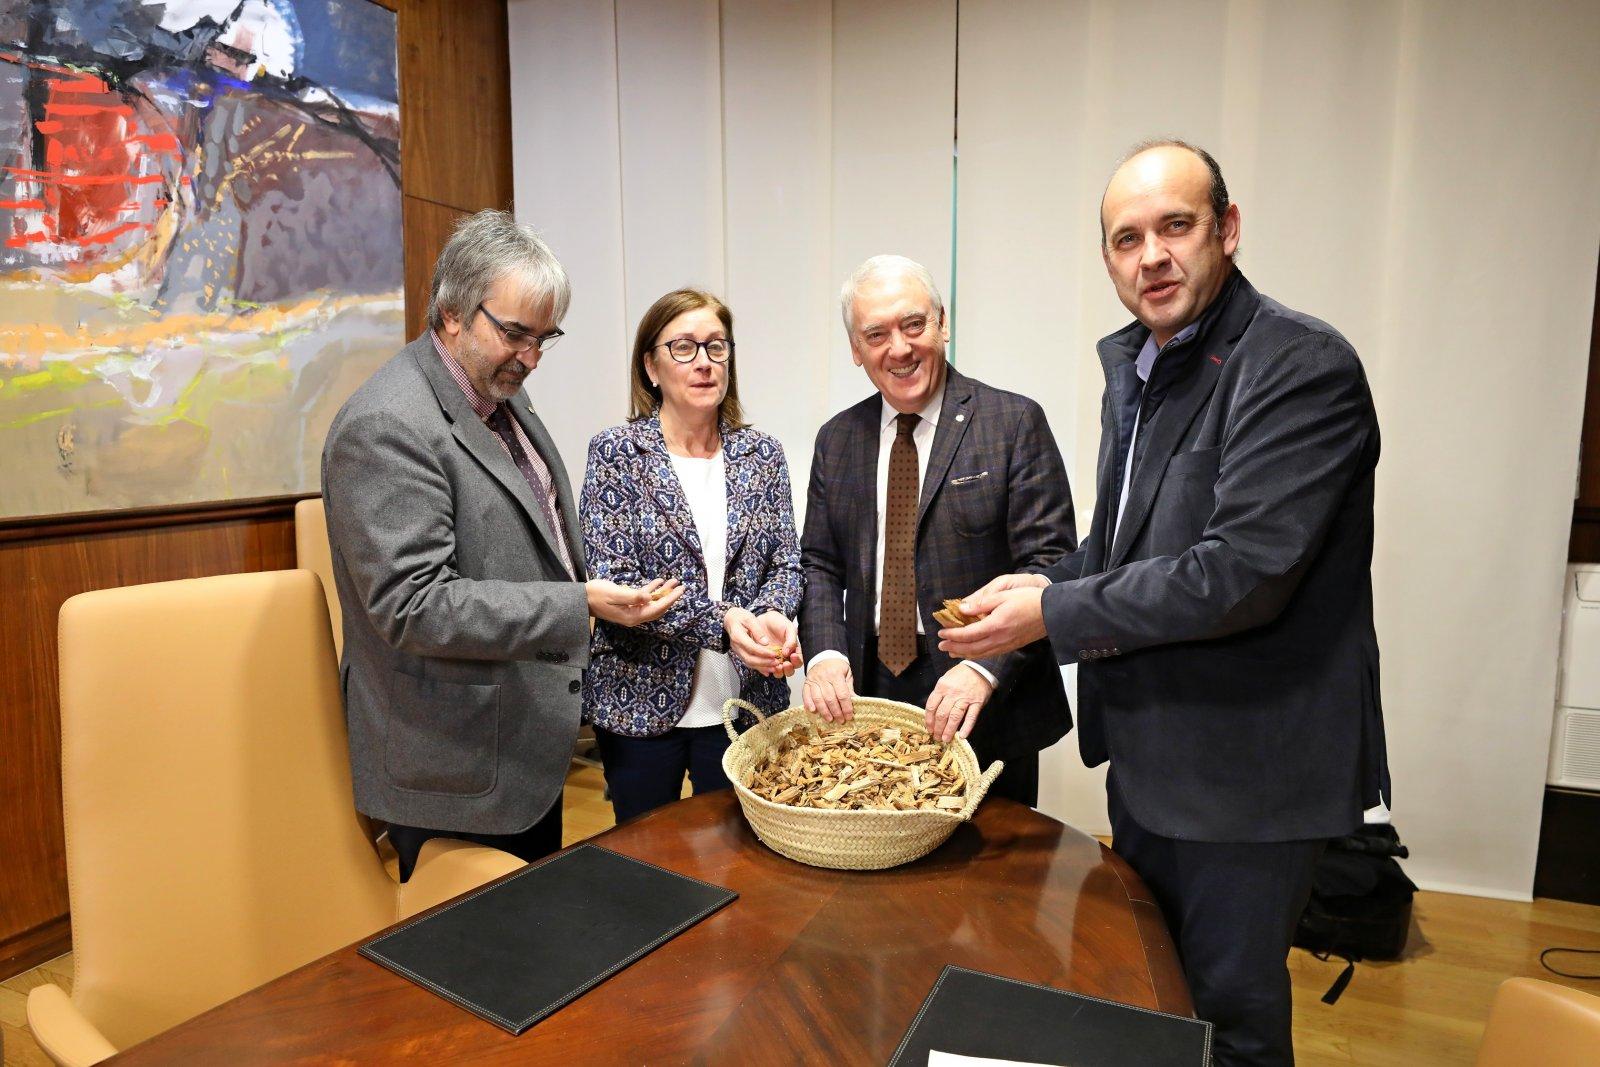 Presentació de la xarxa de calderes de biomassa de proximitat de la Diputació de Tarragona